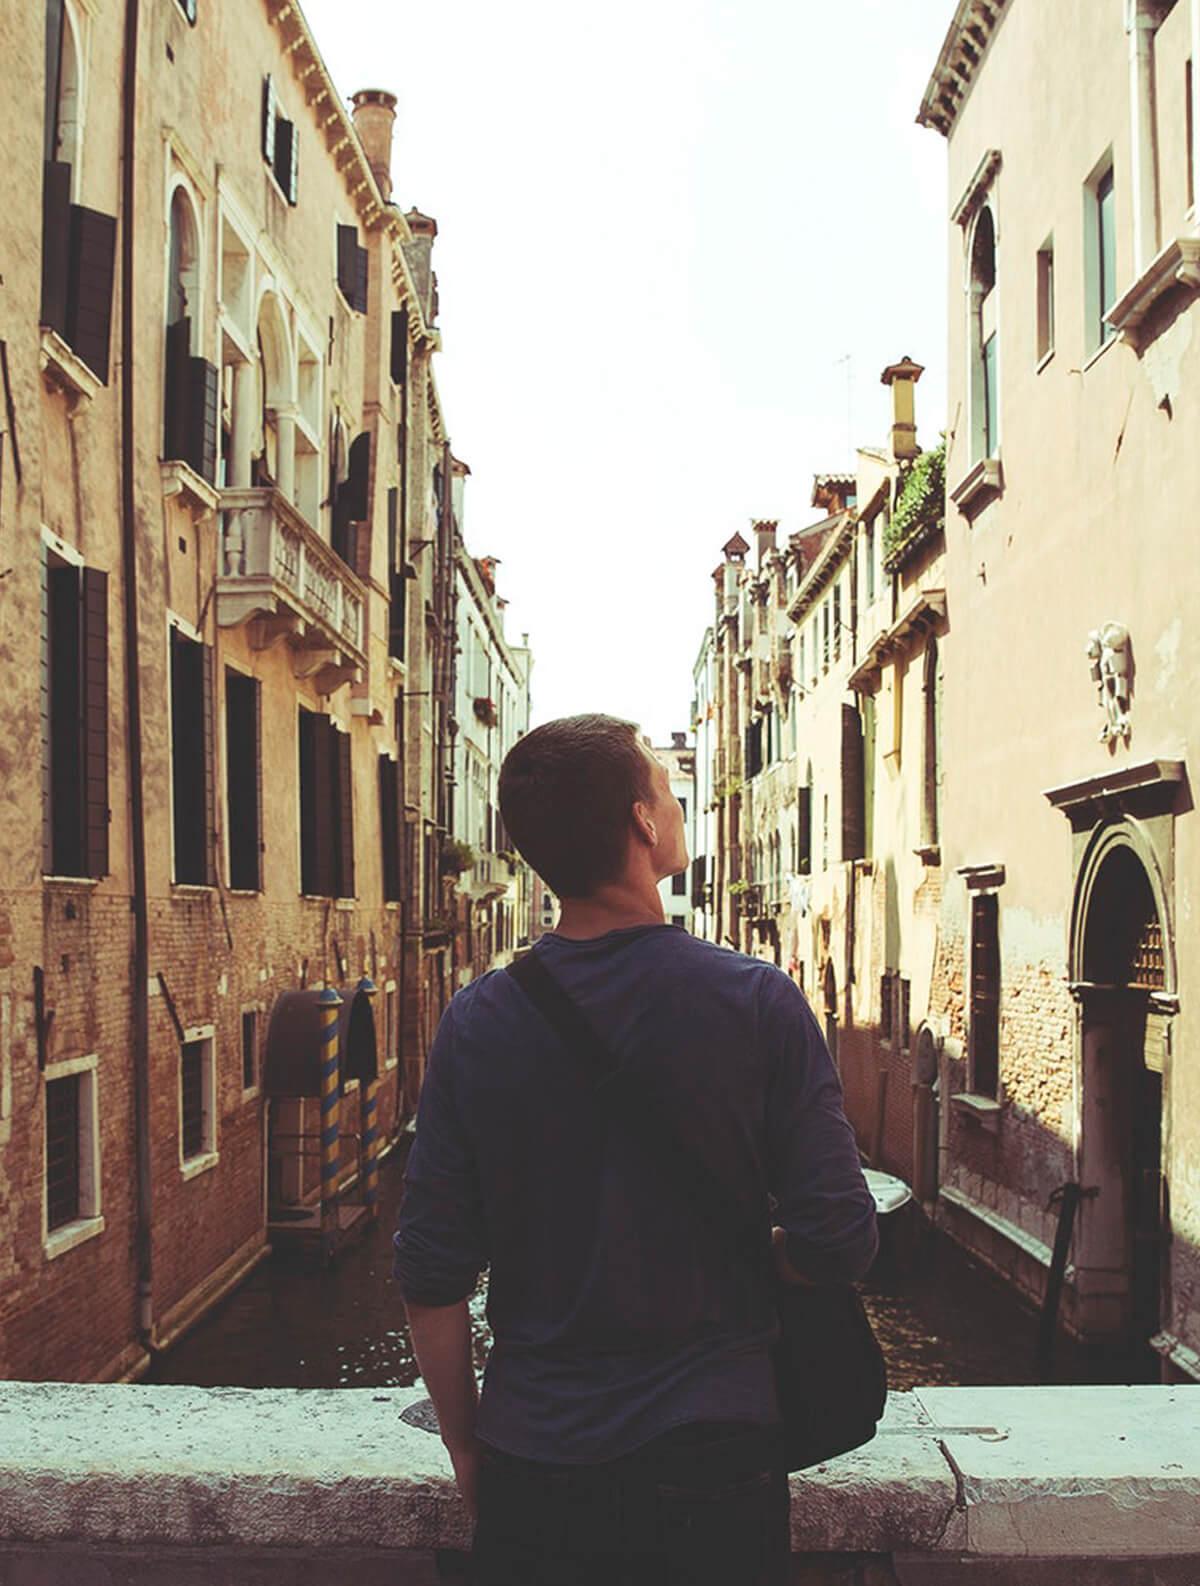 Jeune homme de dos dans la rue regardant des immeubles